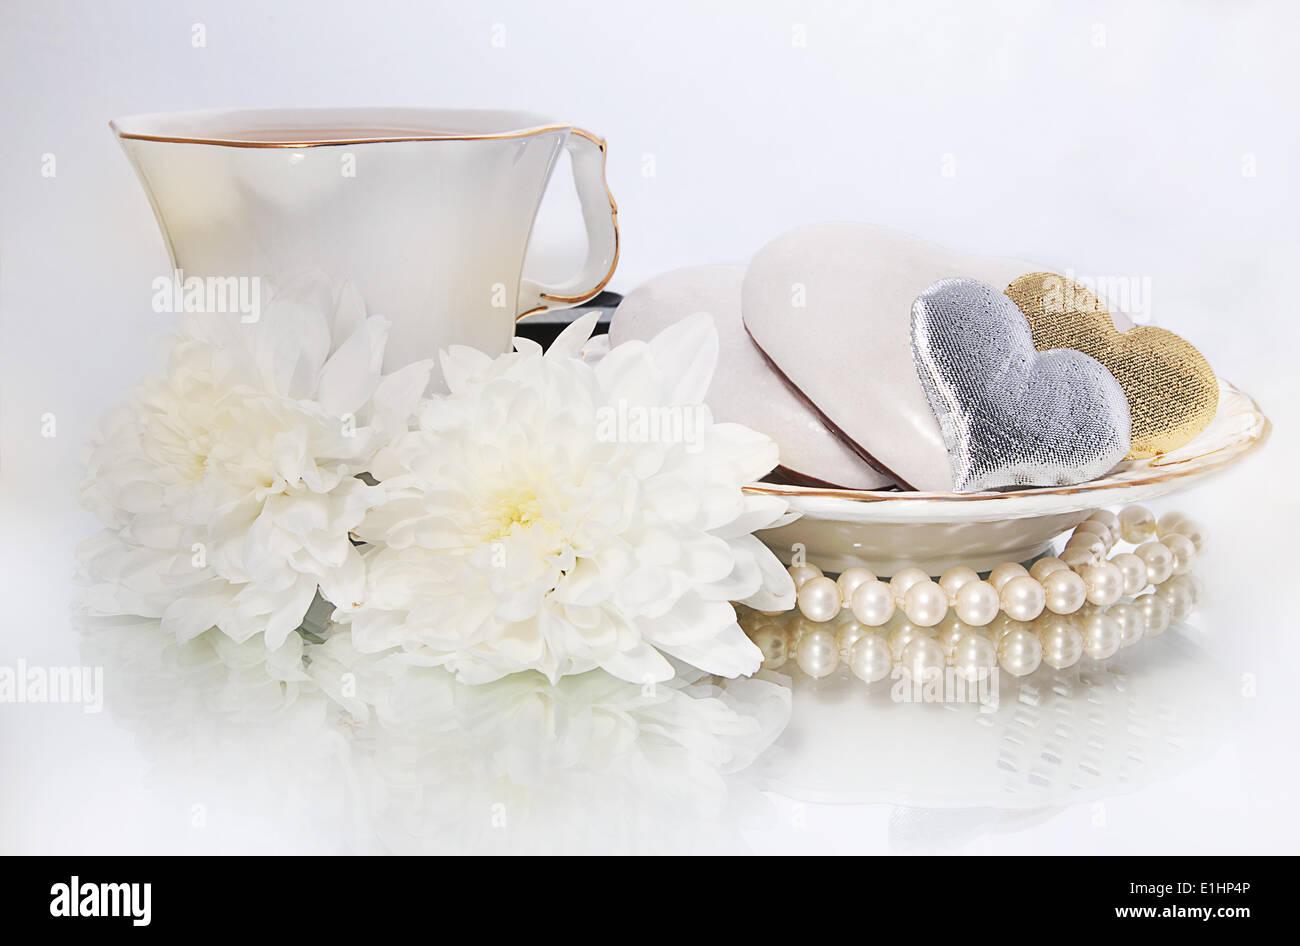 San Valentino - Perle, simboli di cuori e fiori bianchi su sfondo bianco - serie di foto Foto Stock